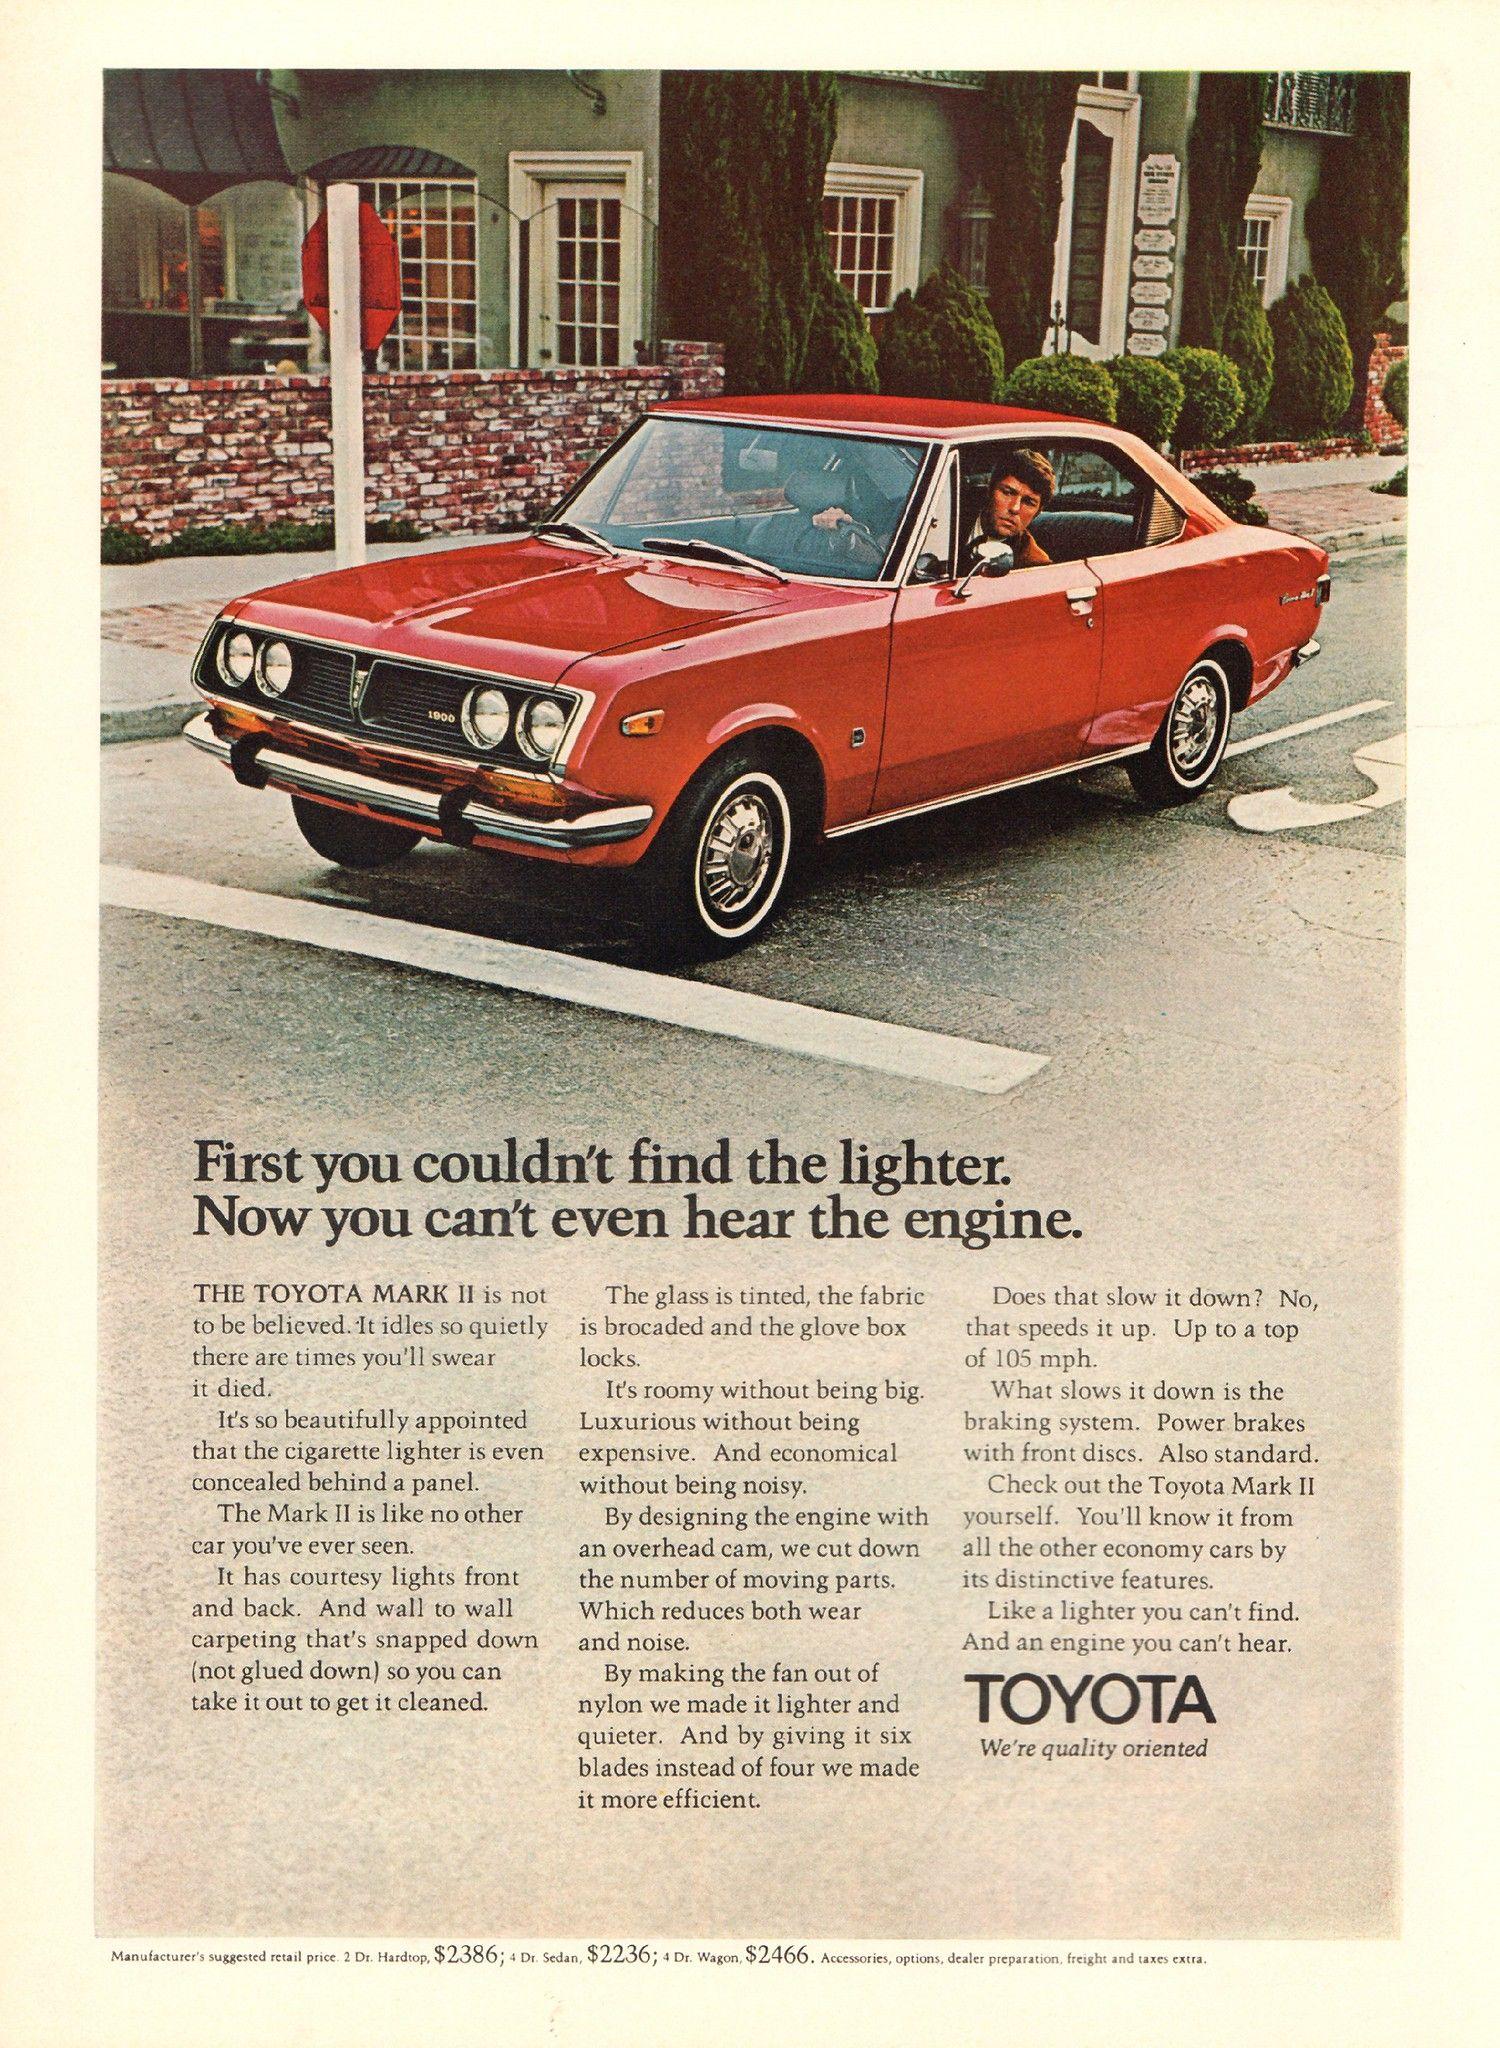 1971 Toyota Mark Ii Advertisement Playboy February 1971 With